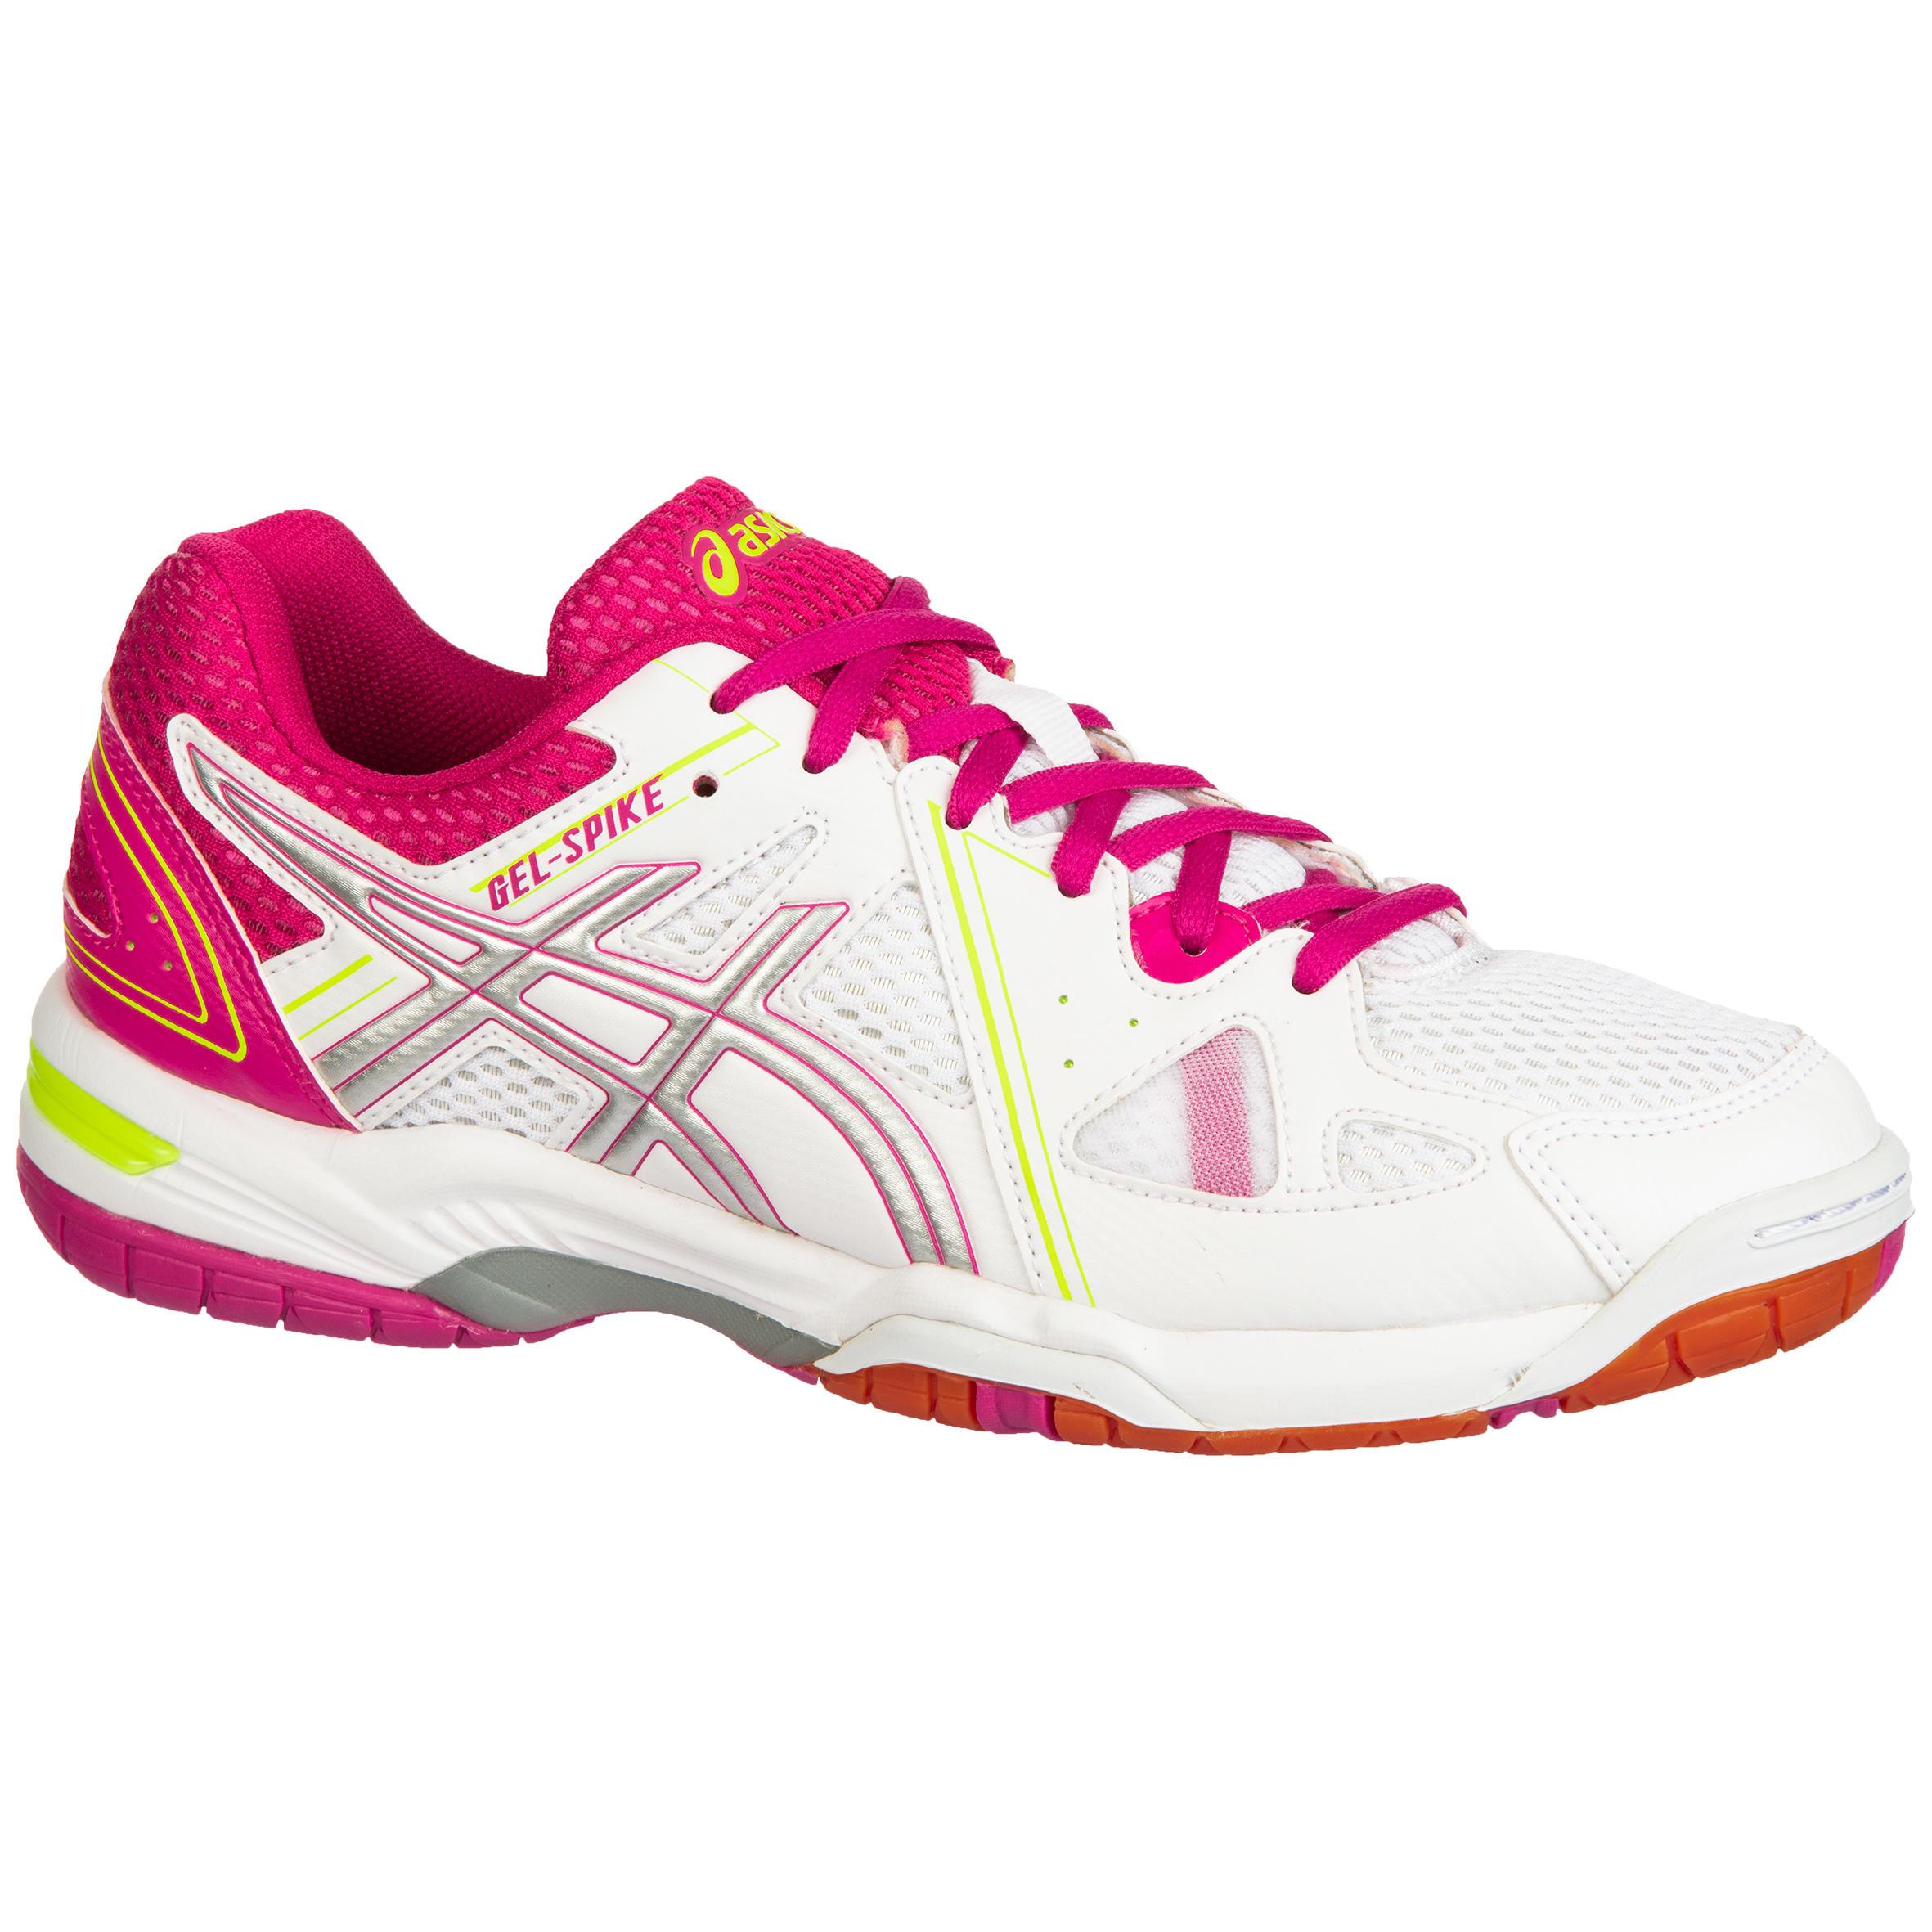 Hallenschuhe Volleyball Asics Gel Spike Damen weiß/rosa | Schuhe > Sportschuhe > Hallenschuhe | ASICS